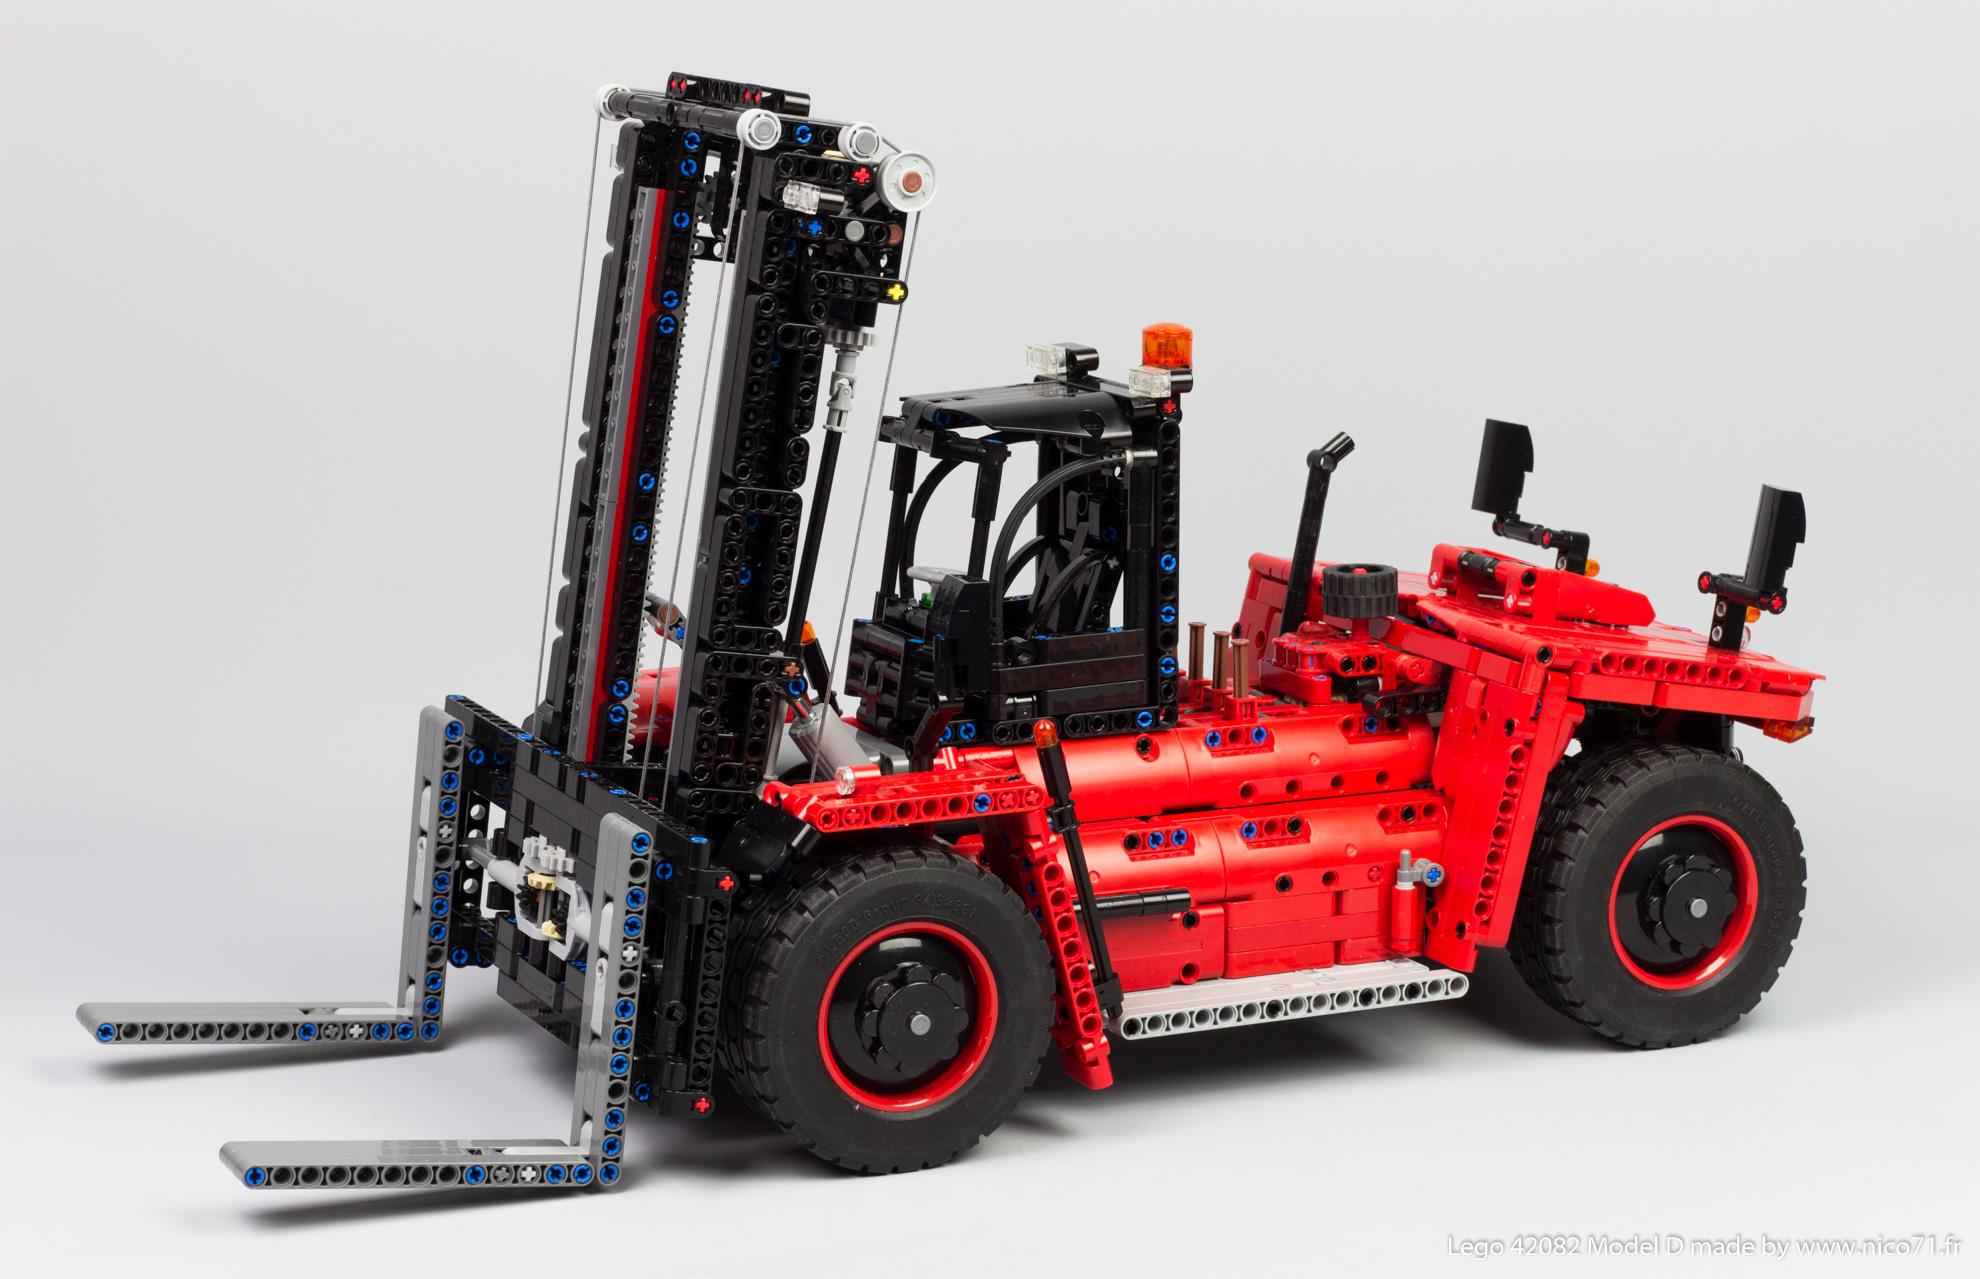 Lego-42082-Model-D-Heavy-Forklift-1.jpg